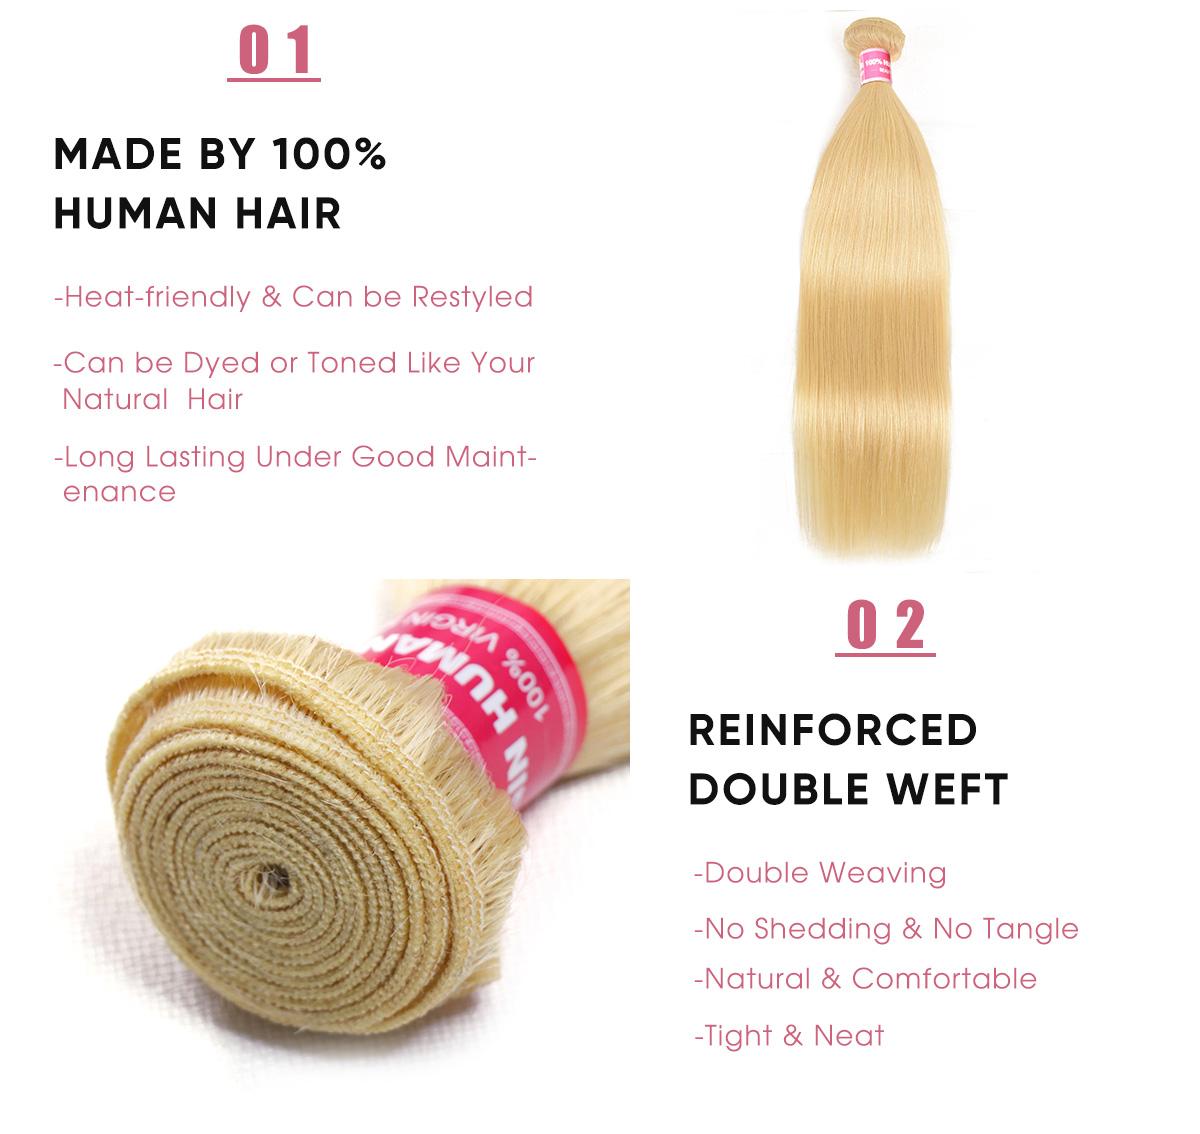 Virgin Hair Straight bundles weave